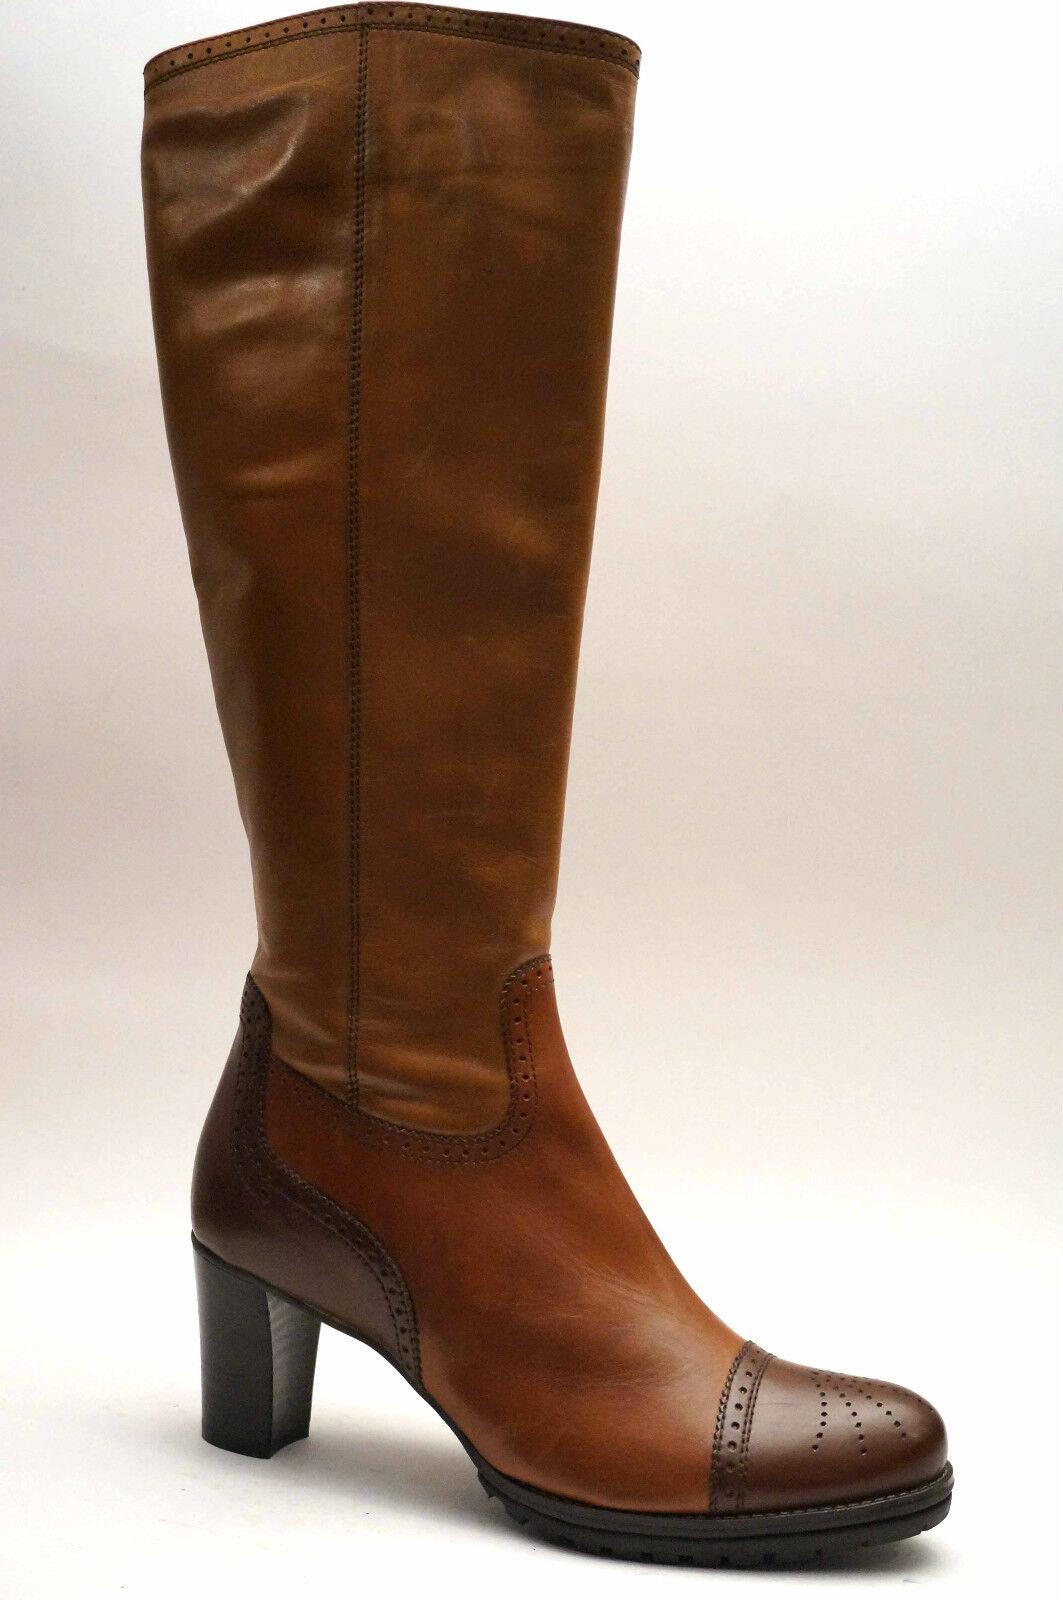 2283zapatos Maripe botas de longitud cuero apartado () marrón de longitud de 40 cm efa83f